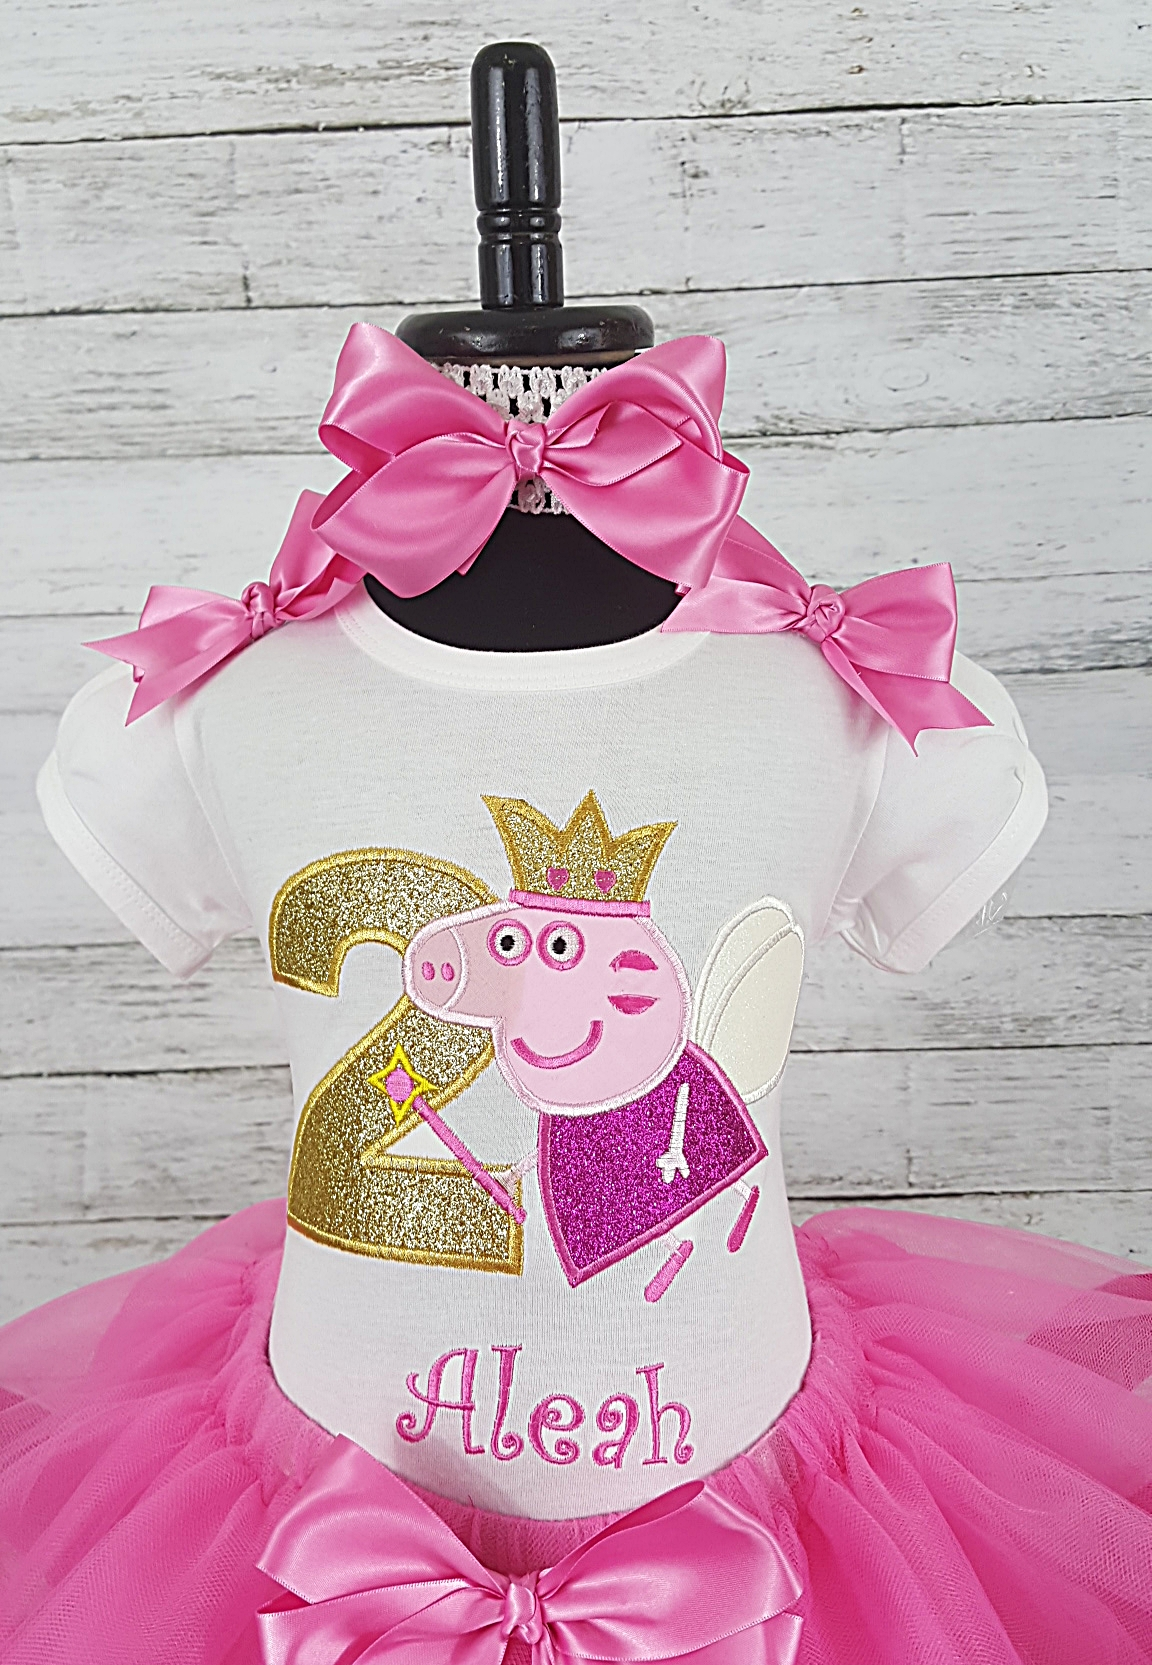 Peppa Pig Hot Pink Personalized Birthday Shirt Ribbon Tutu 3 Piece Set